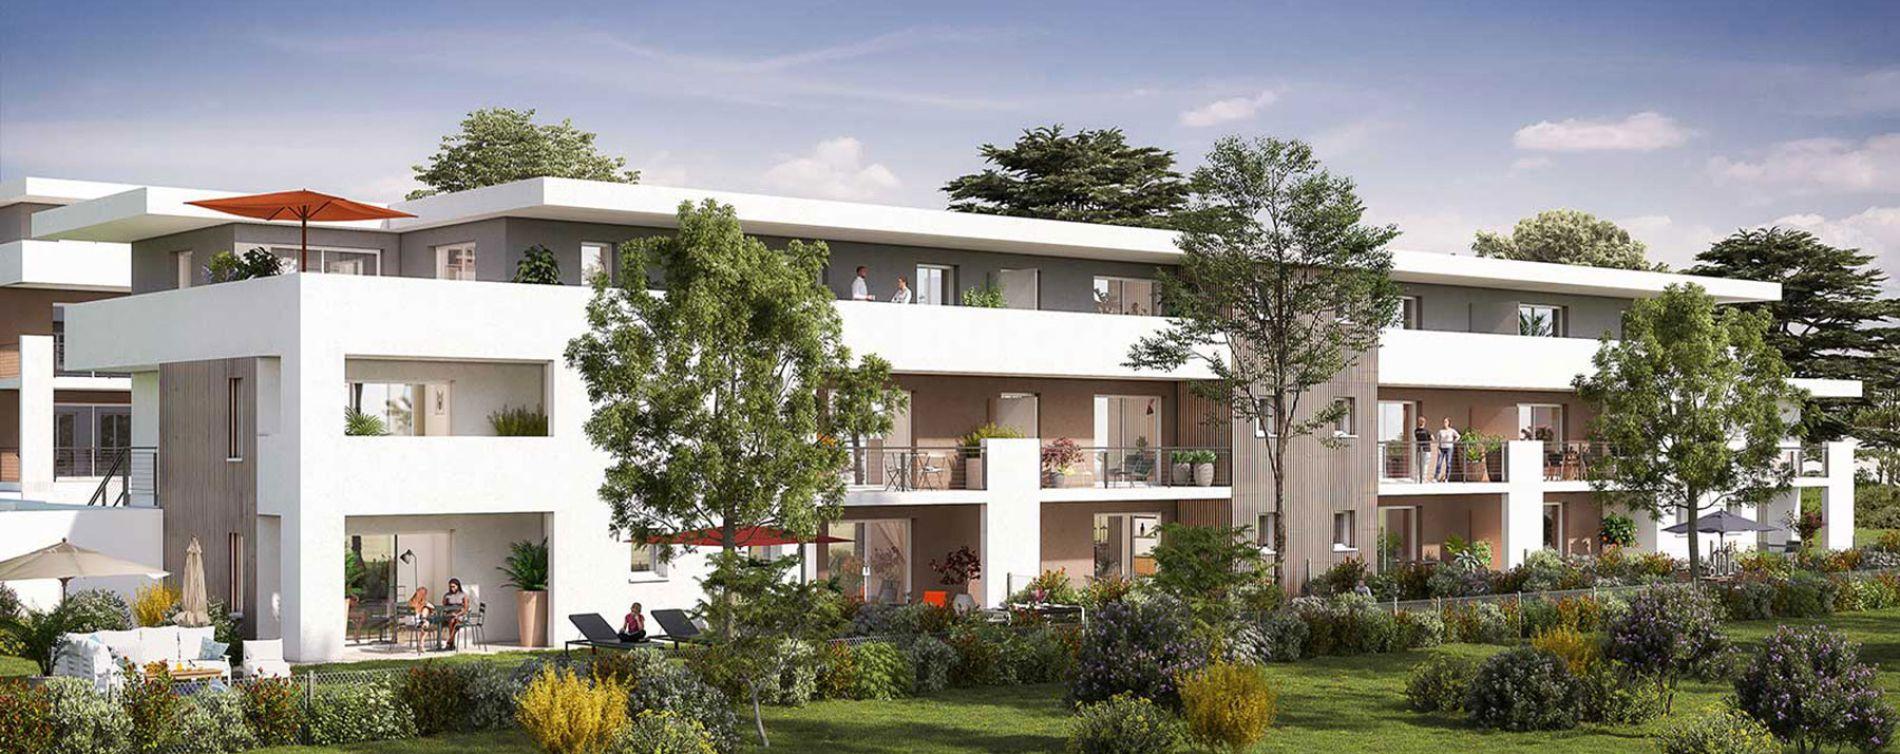 Saint-Paul-lès-Dax : programme immobilier neuve « Les Jardins des Acacias » (2)